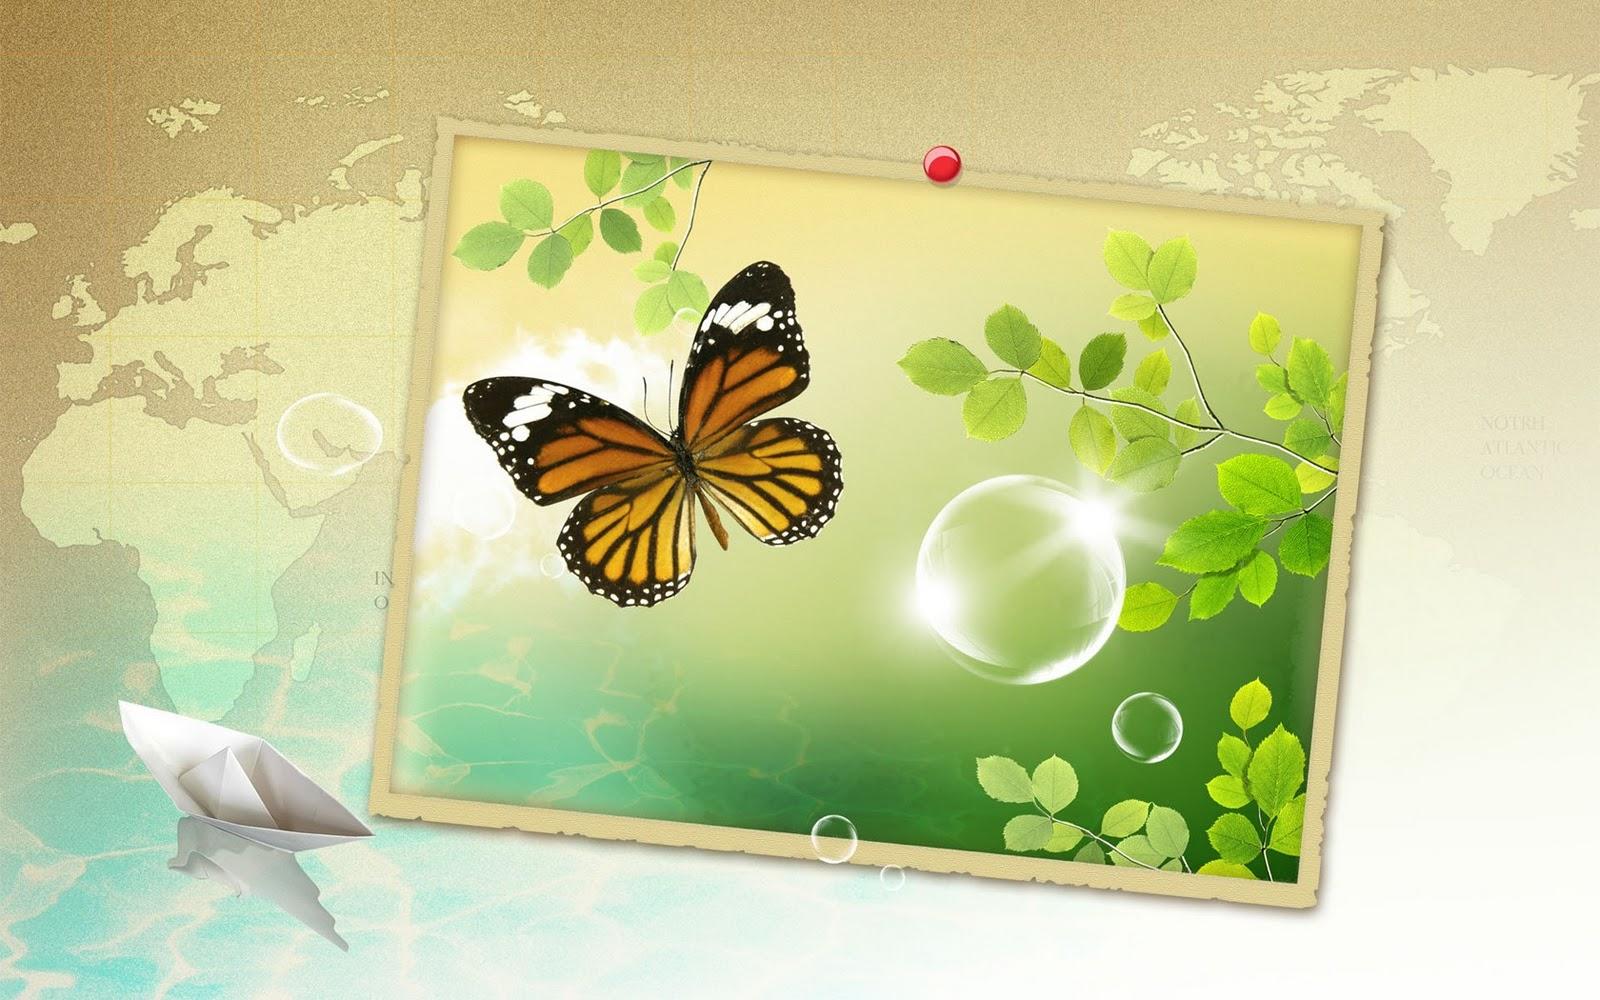 http://2.bp.blogspot.com/_RAlP3BmEW1Q/TQNkj1KgFnI/AAAAAAAABPw/ZUFQ4WMFgys/s1600/Lente-achtergronden-lente-wallpapers-16.jpg